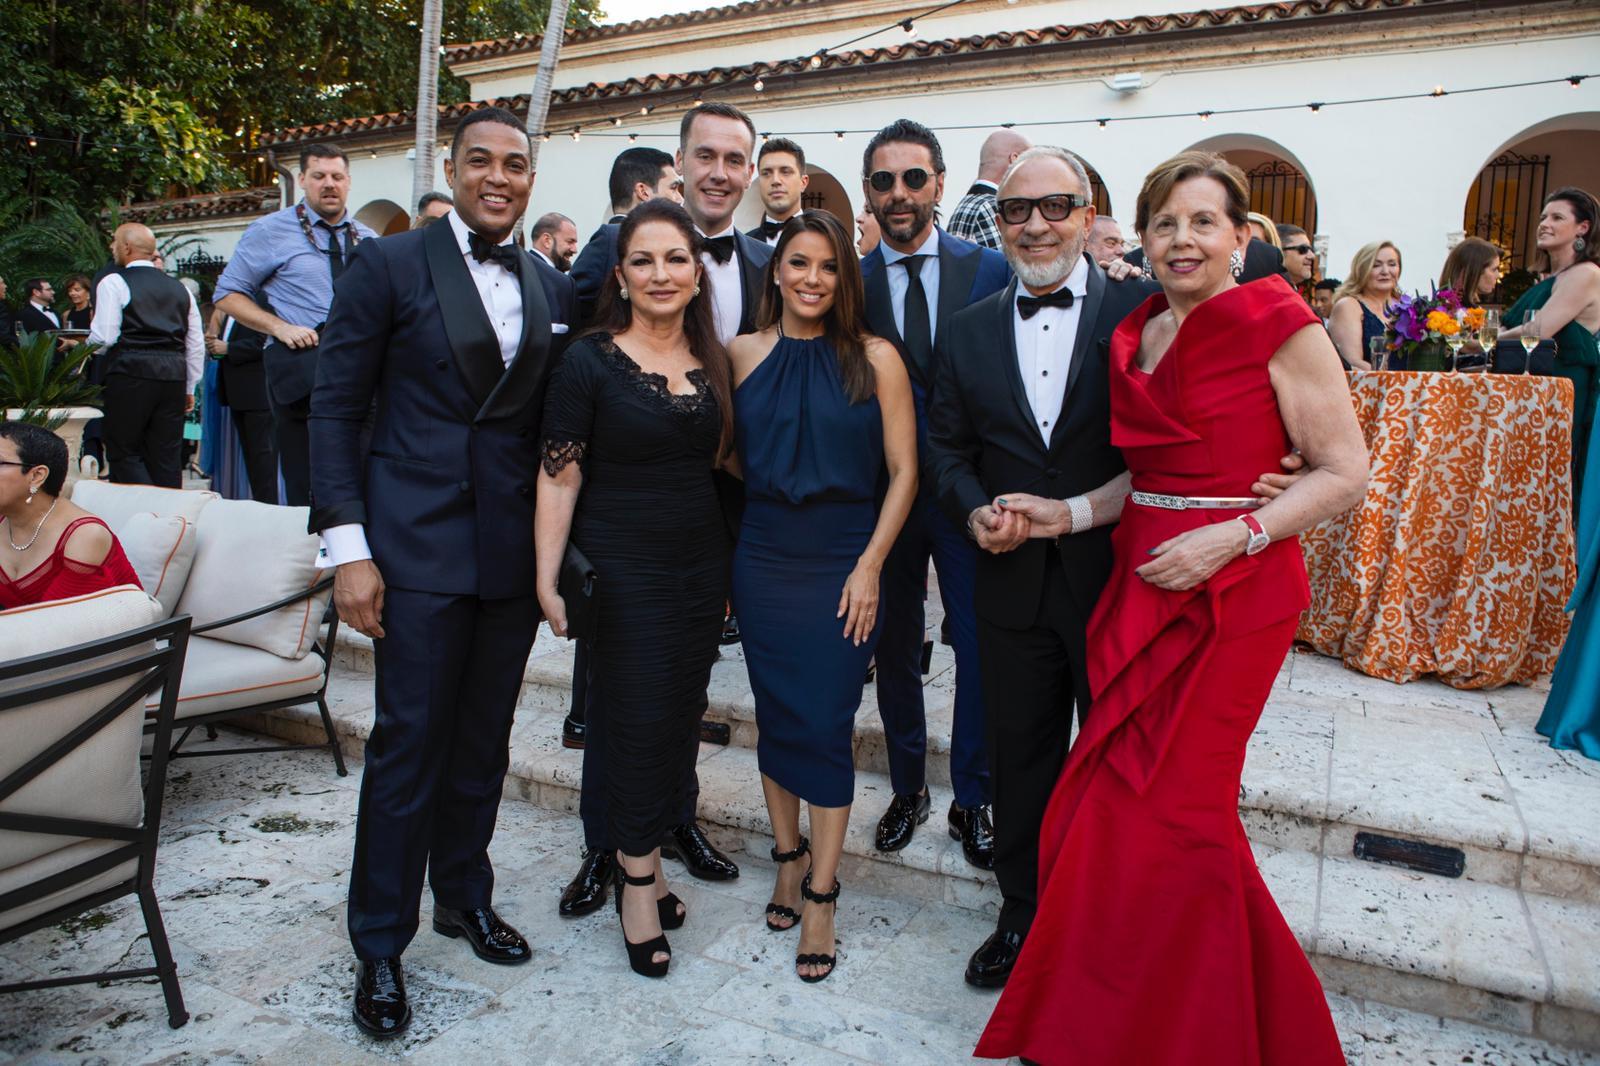 Gloria y Emilio Estefan, Eva Longoria, Pepe Bastón